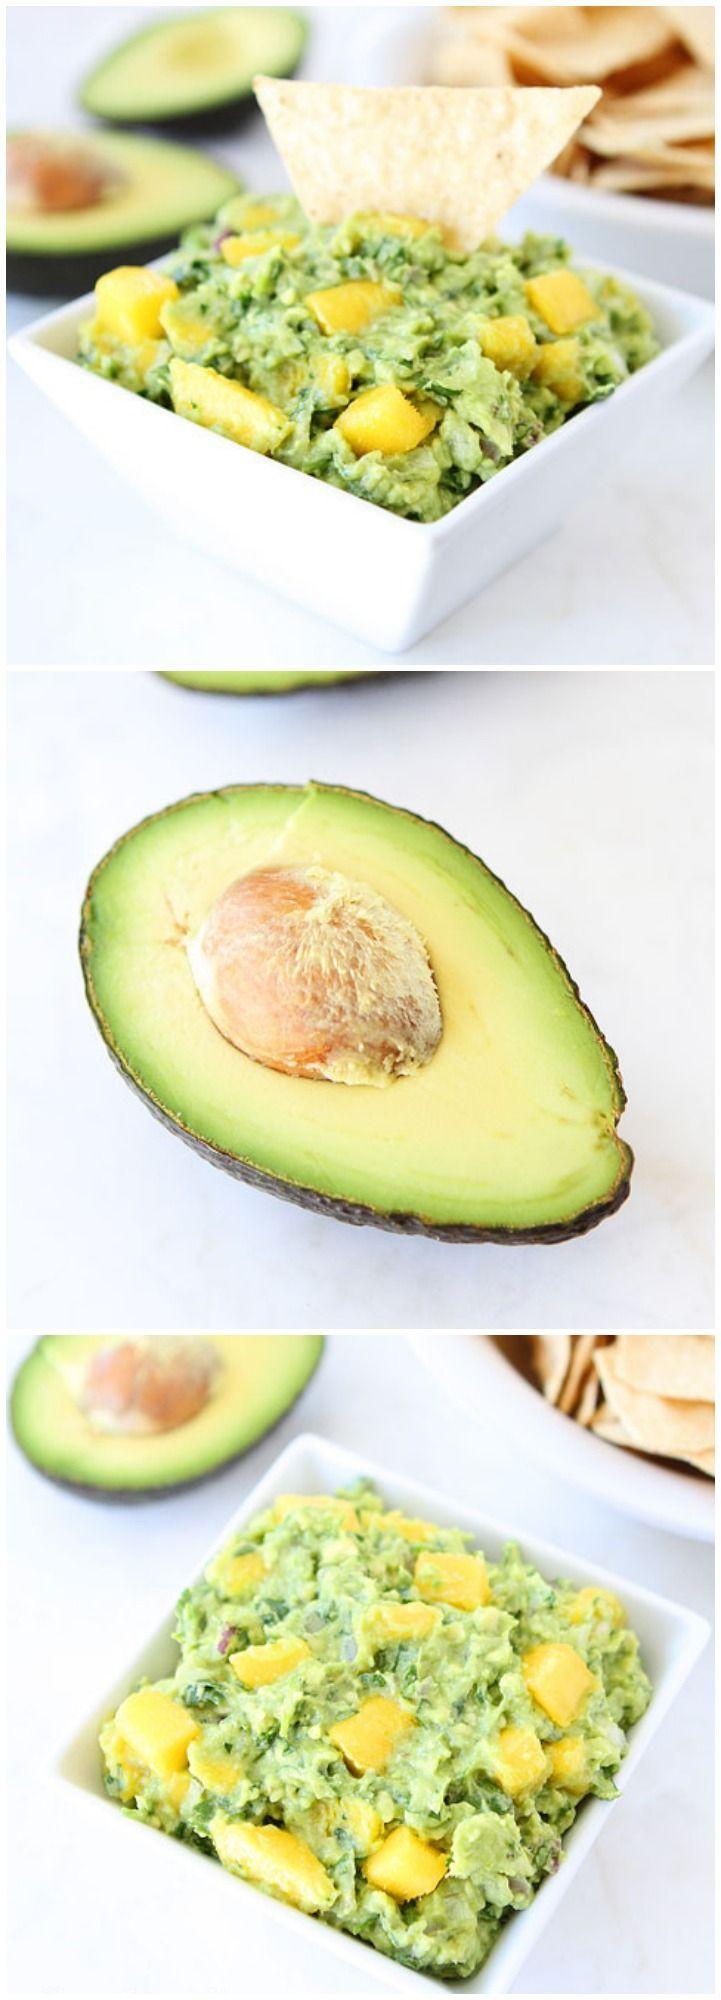 Guacamole de mango y cilantro.